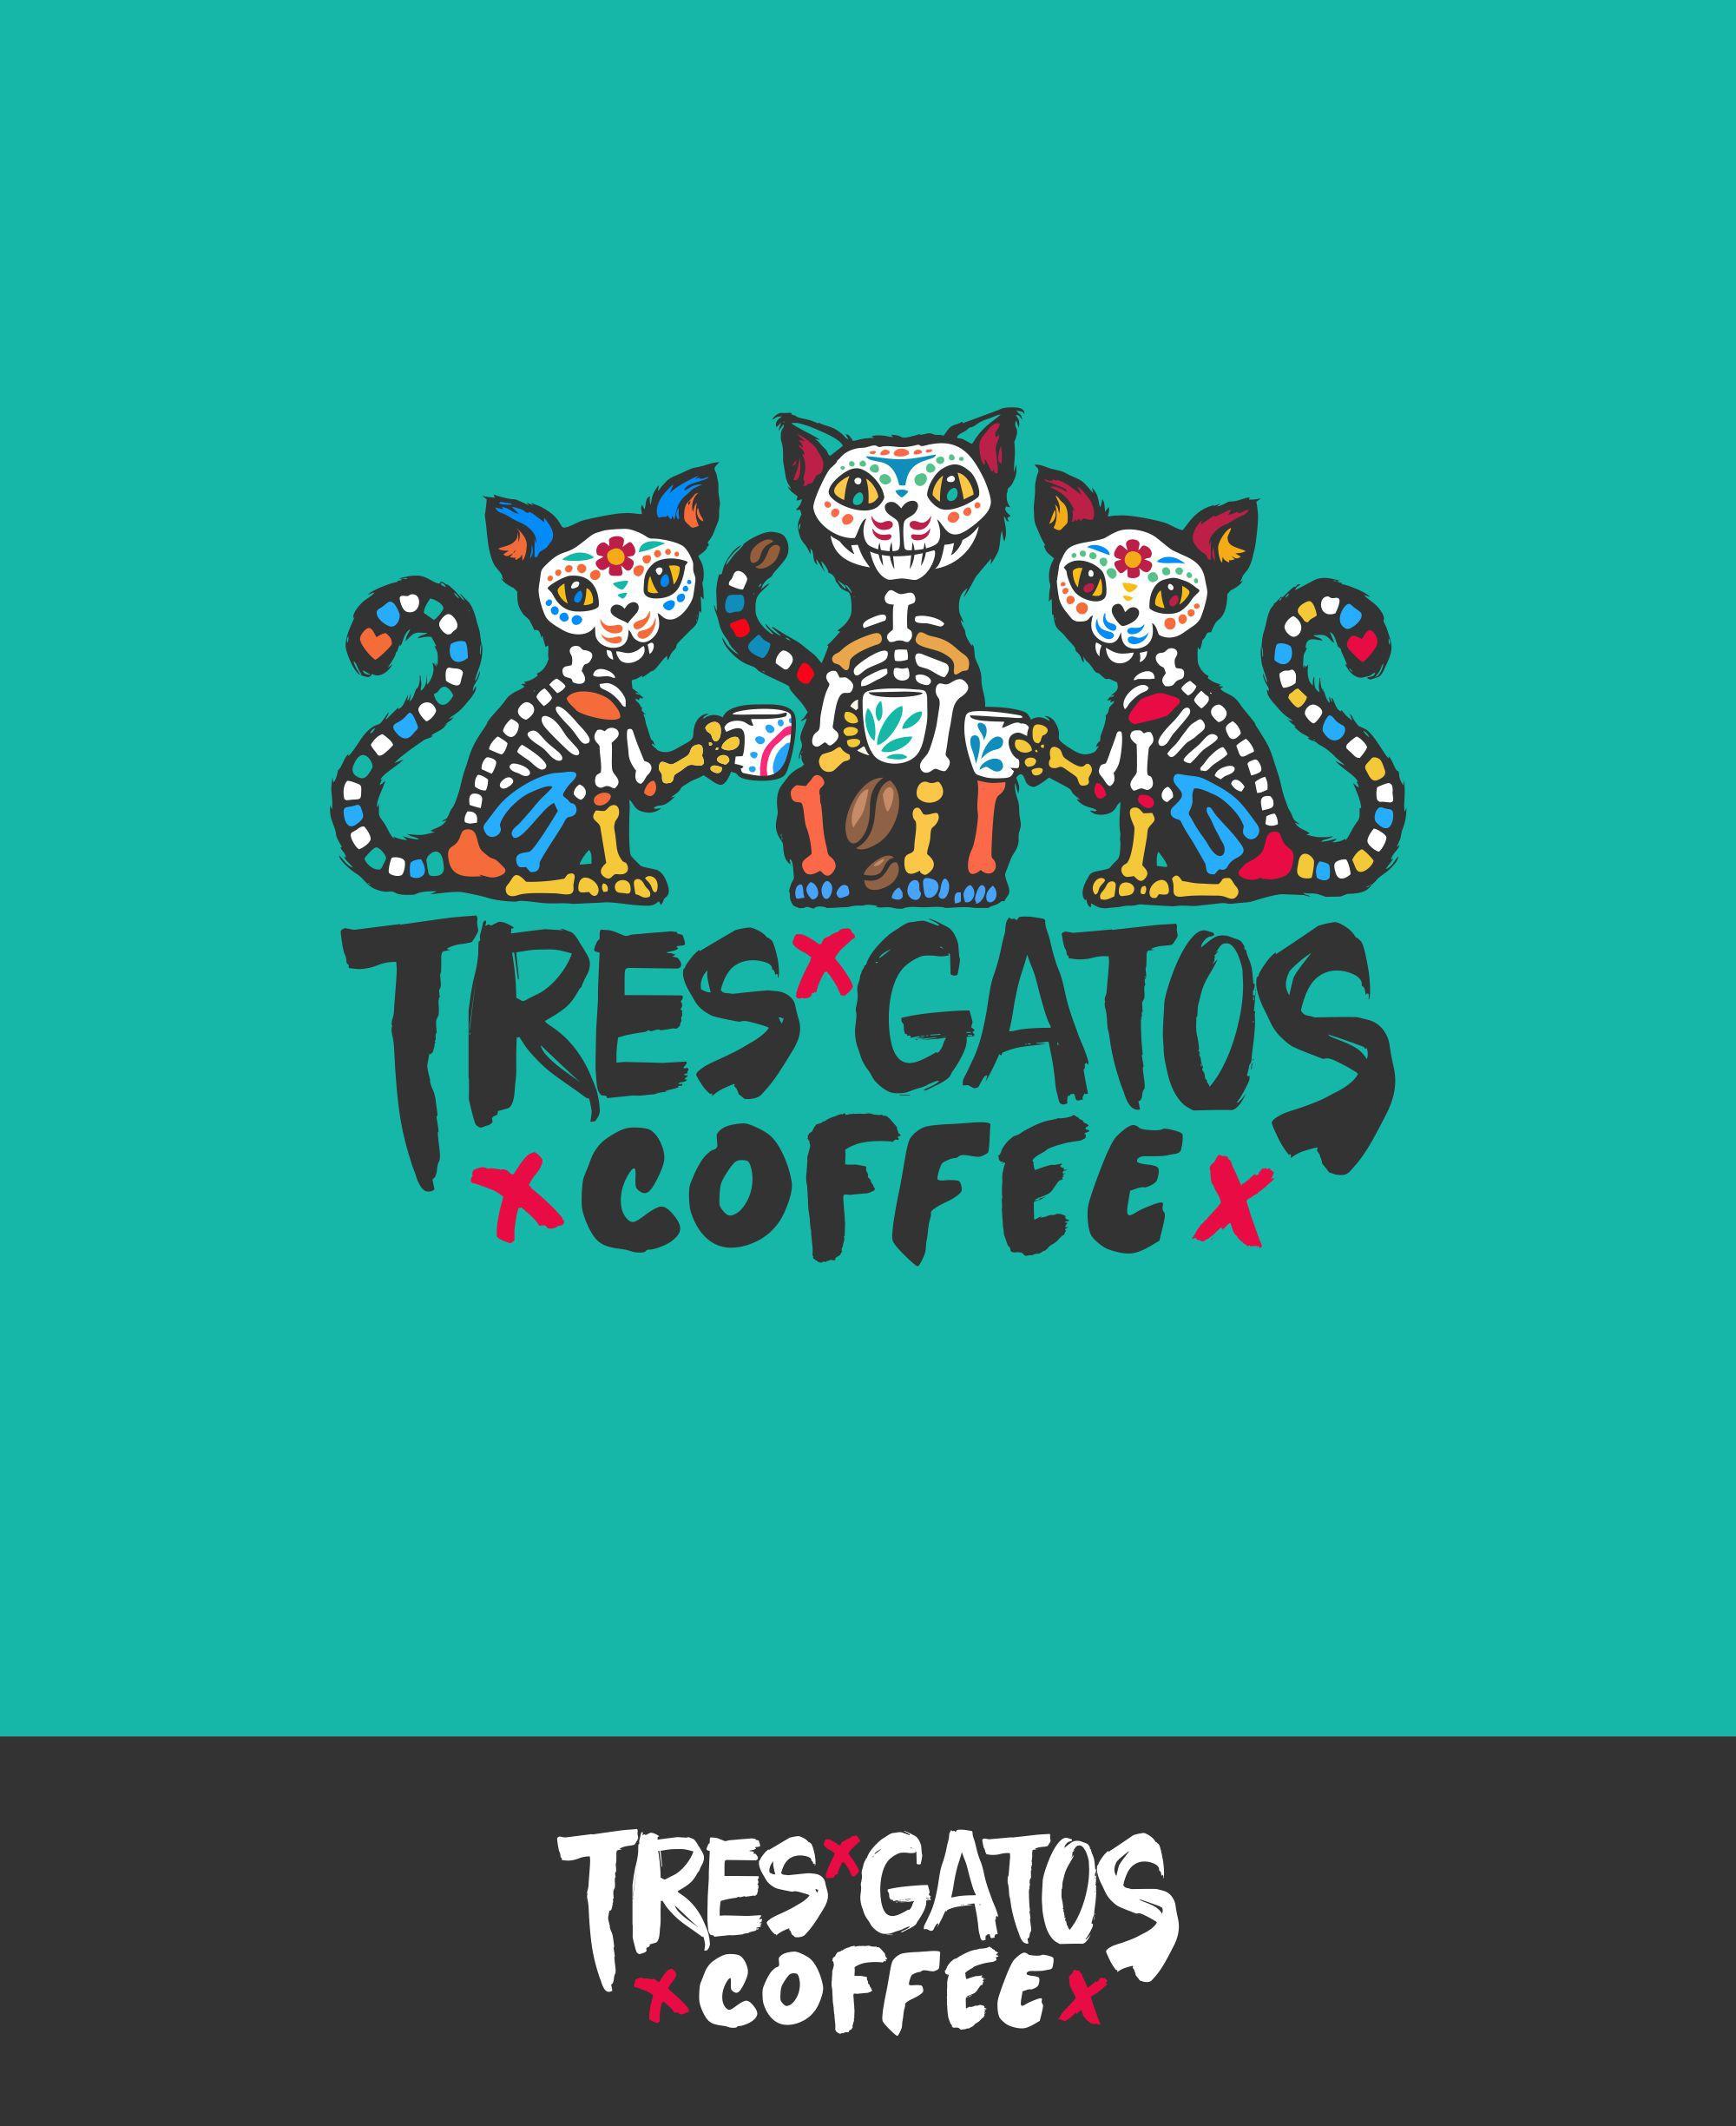 TRES GATOS COFFEE LOGO